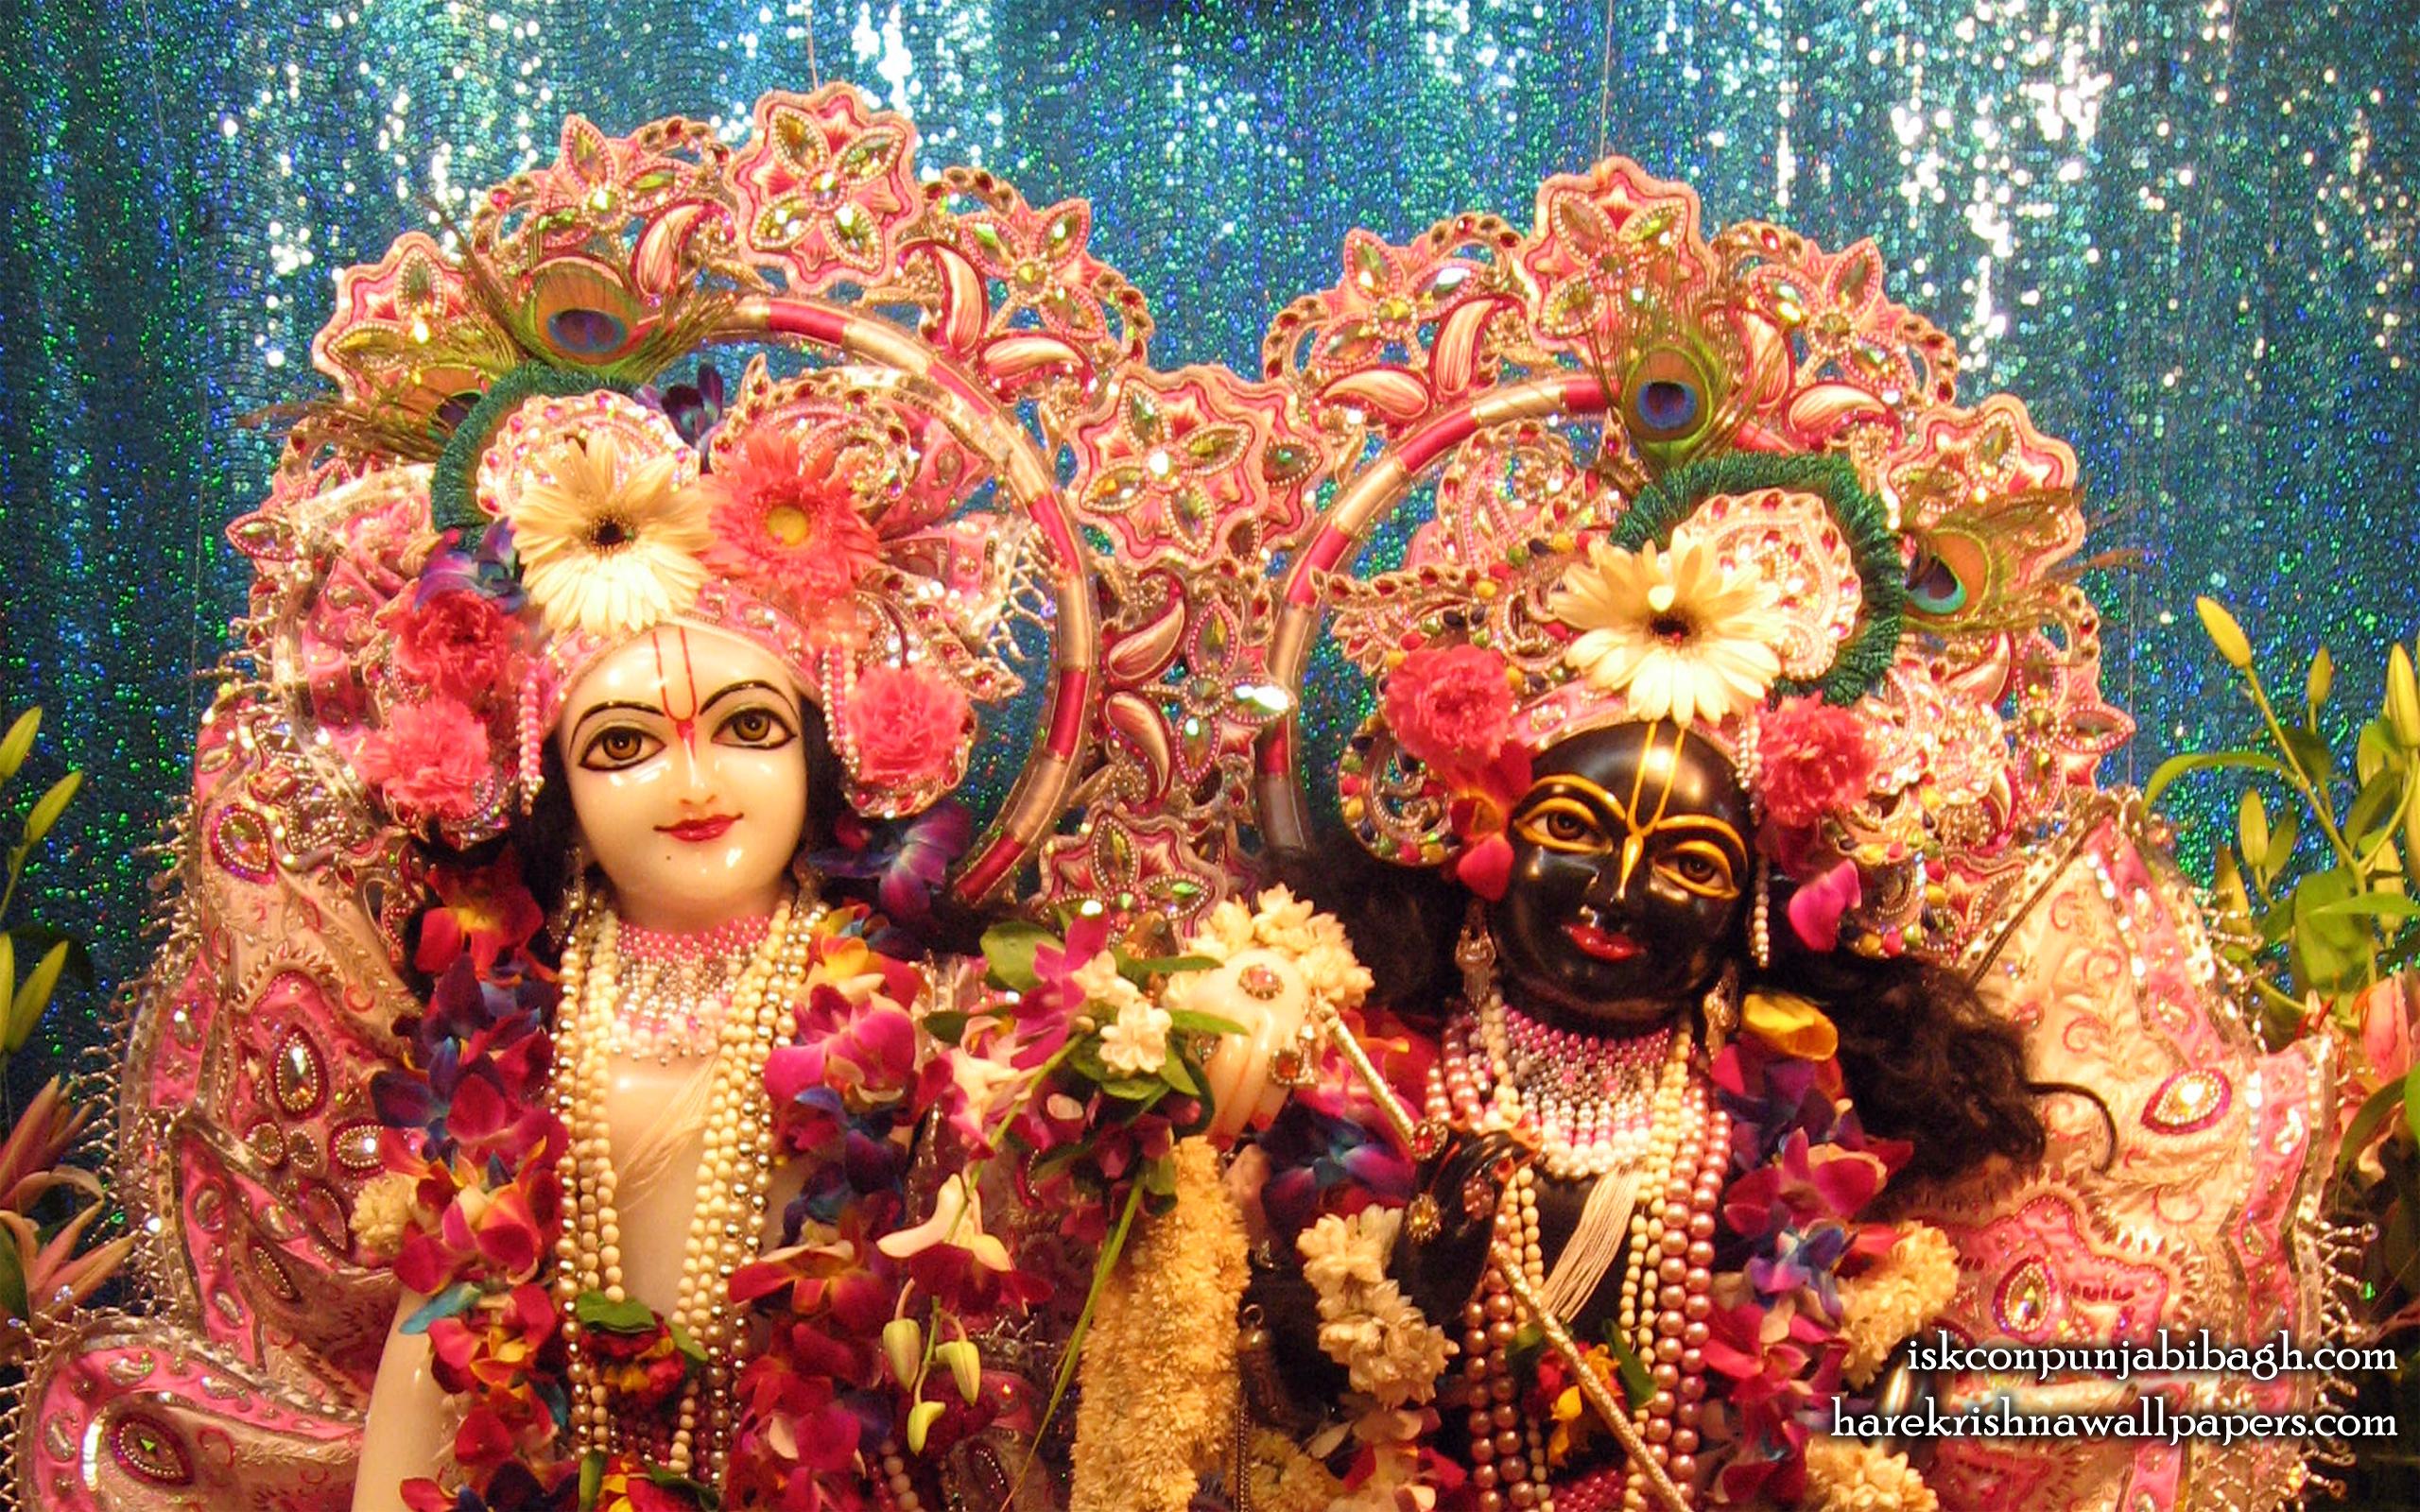 Sri Sri Krishna Balaram Close up Wallpaper (001) Size 2560x1600 Download